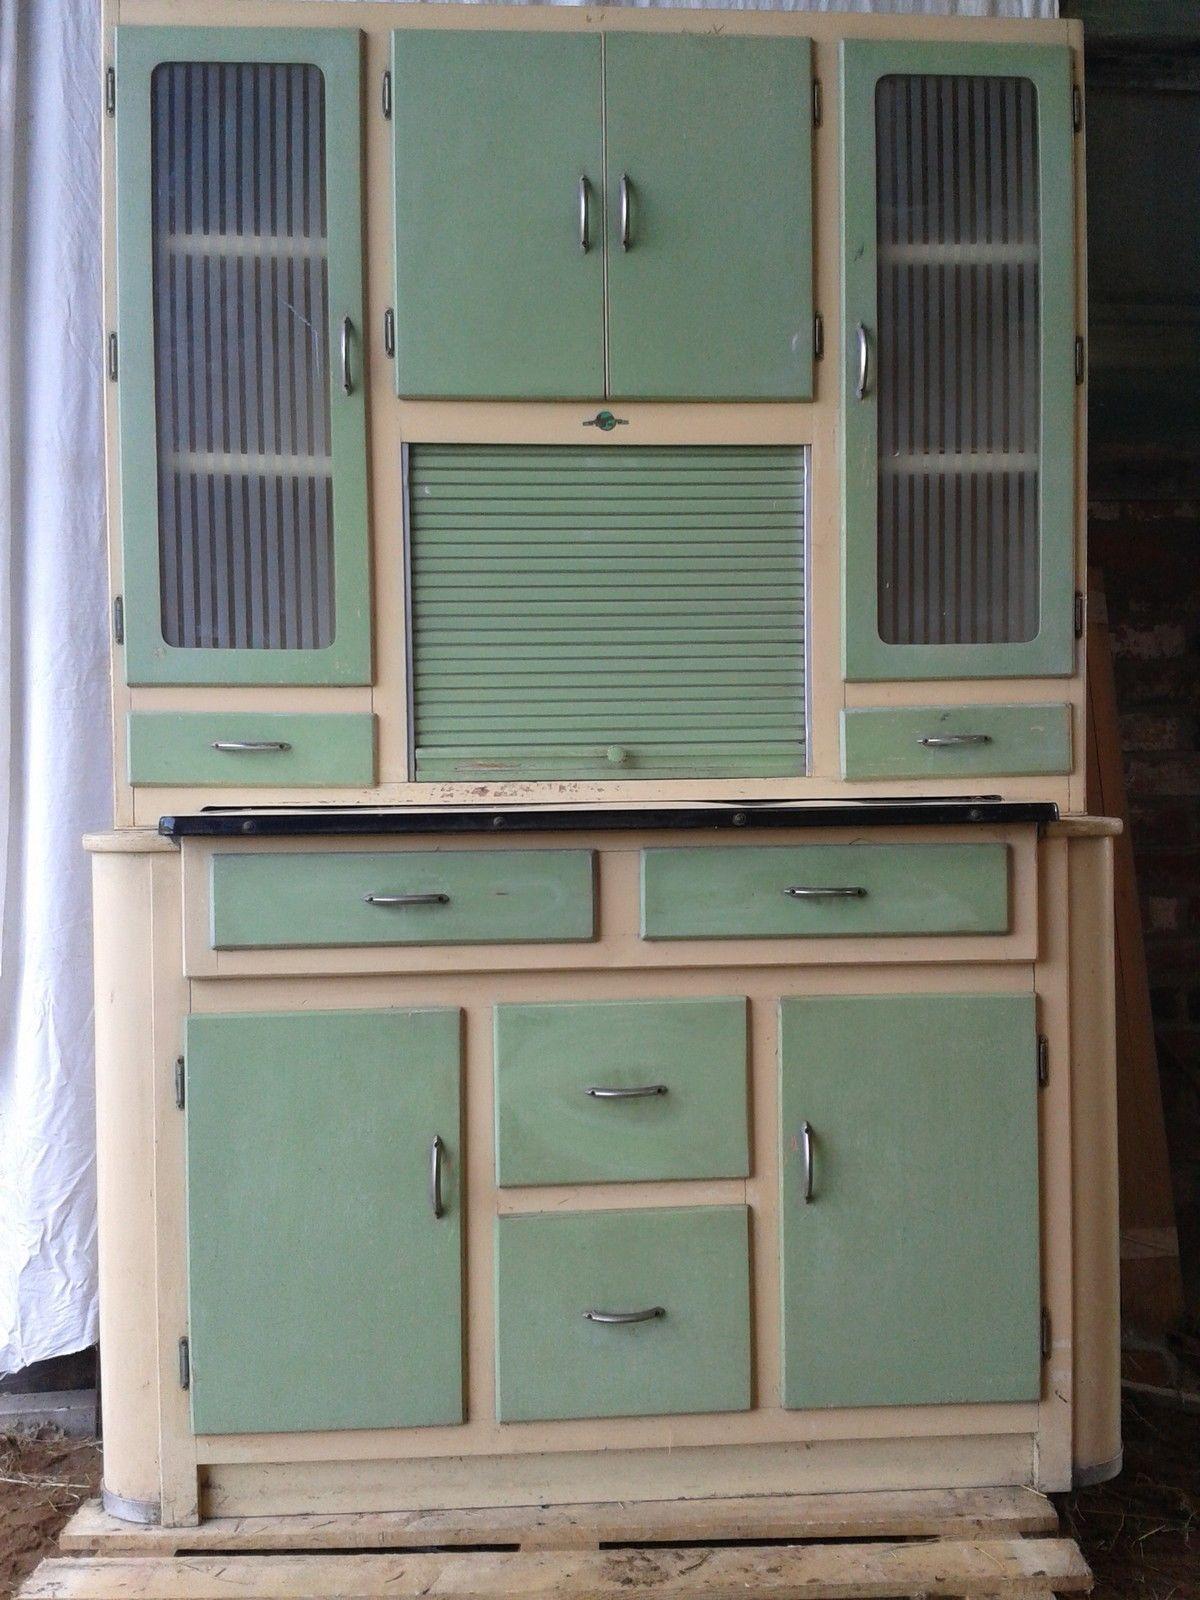 Vintage Retro Kitchenette Larder Pantry Welsh Dresser 1950 1960s Hygena Display Ebay Vintage Kitchen Retro Kitchen Refurbished Furniture